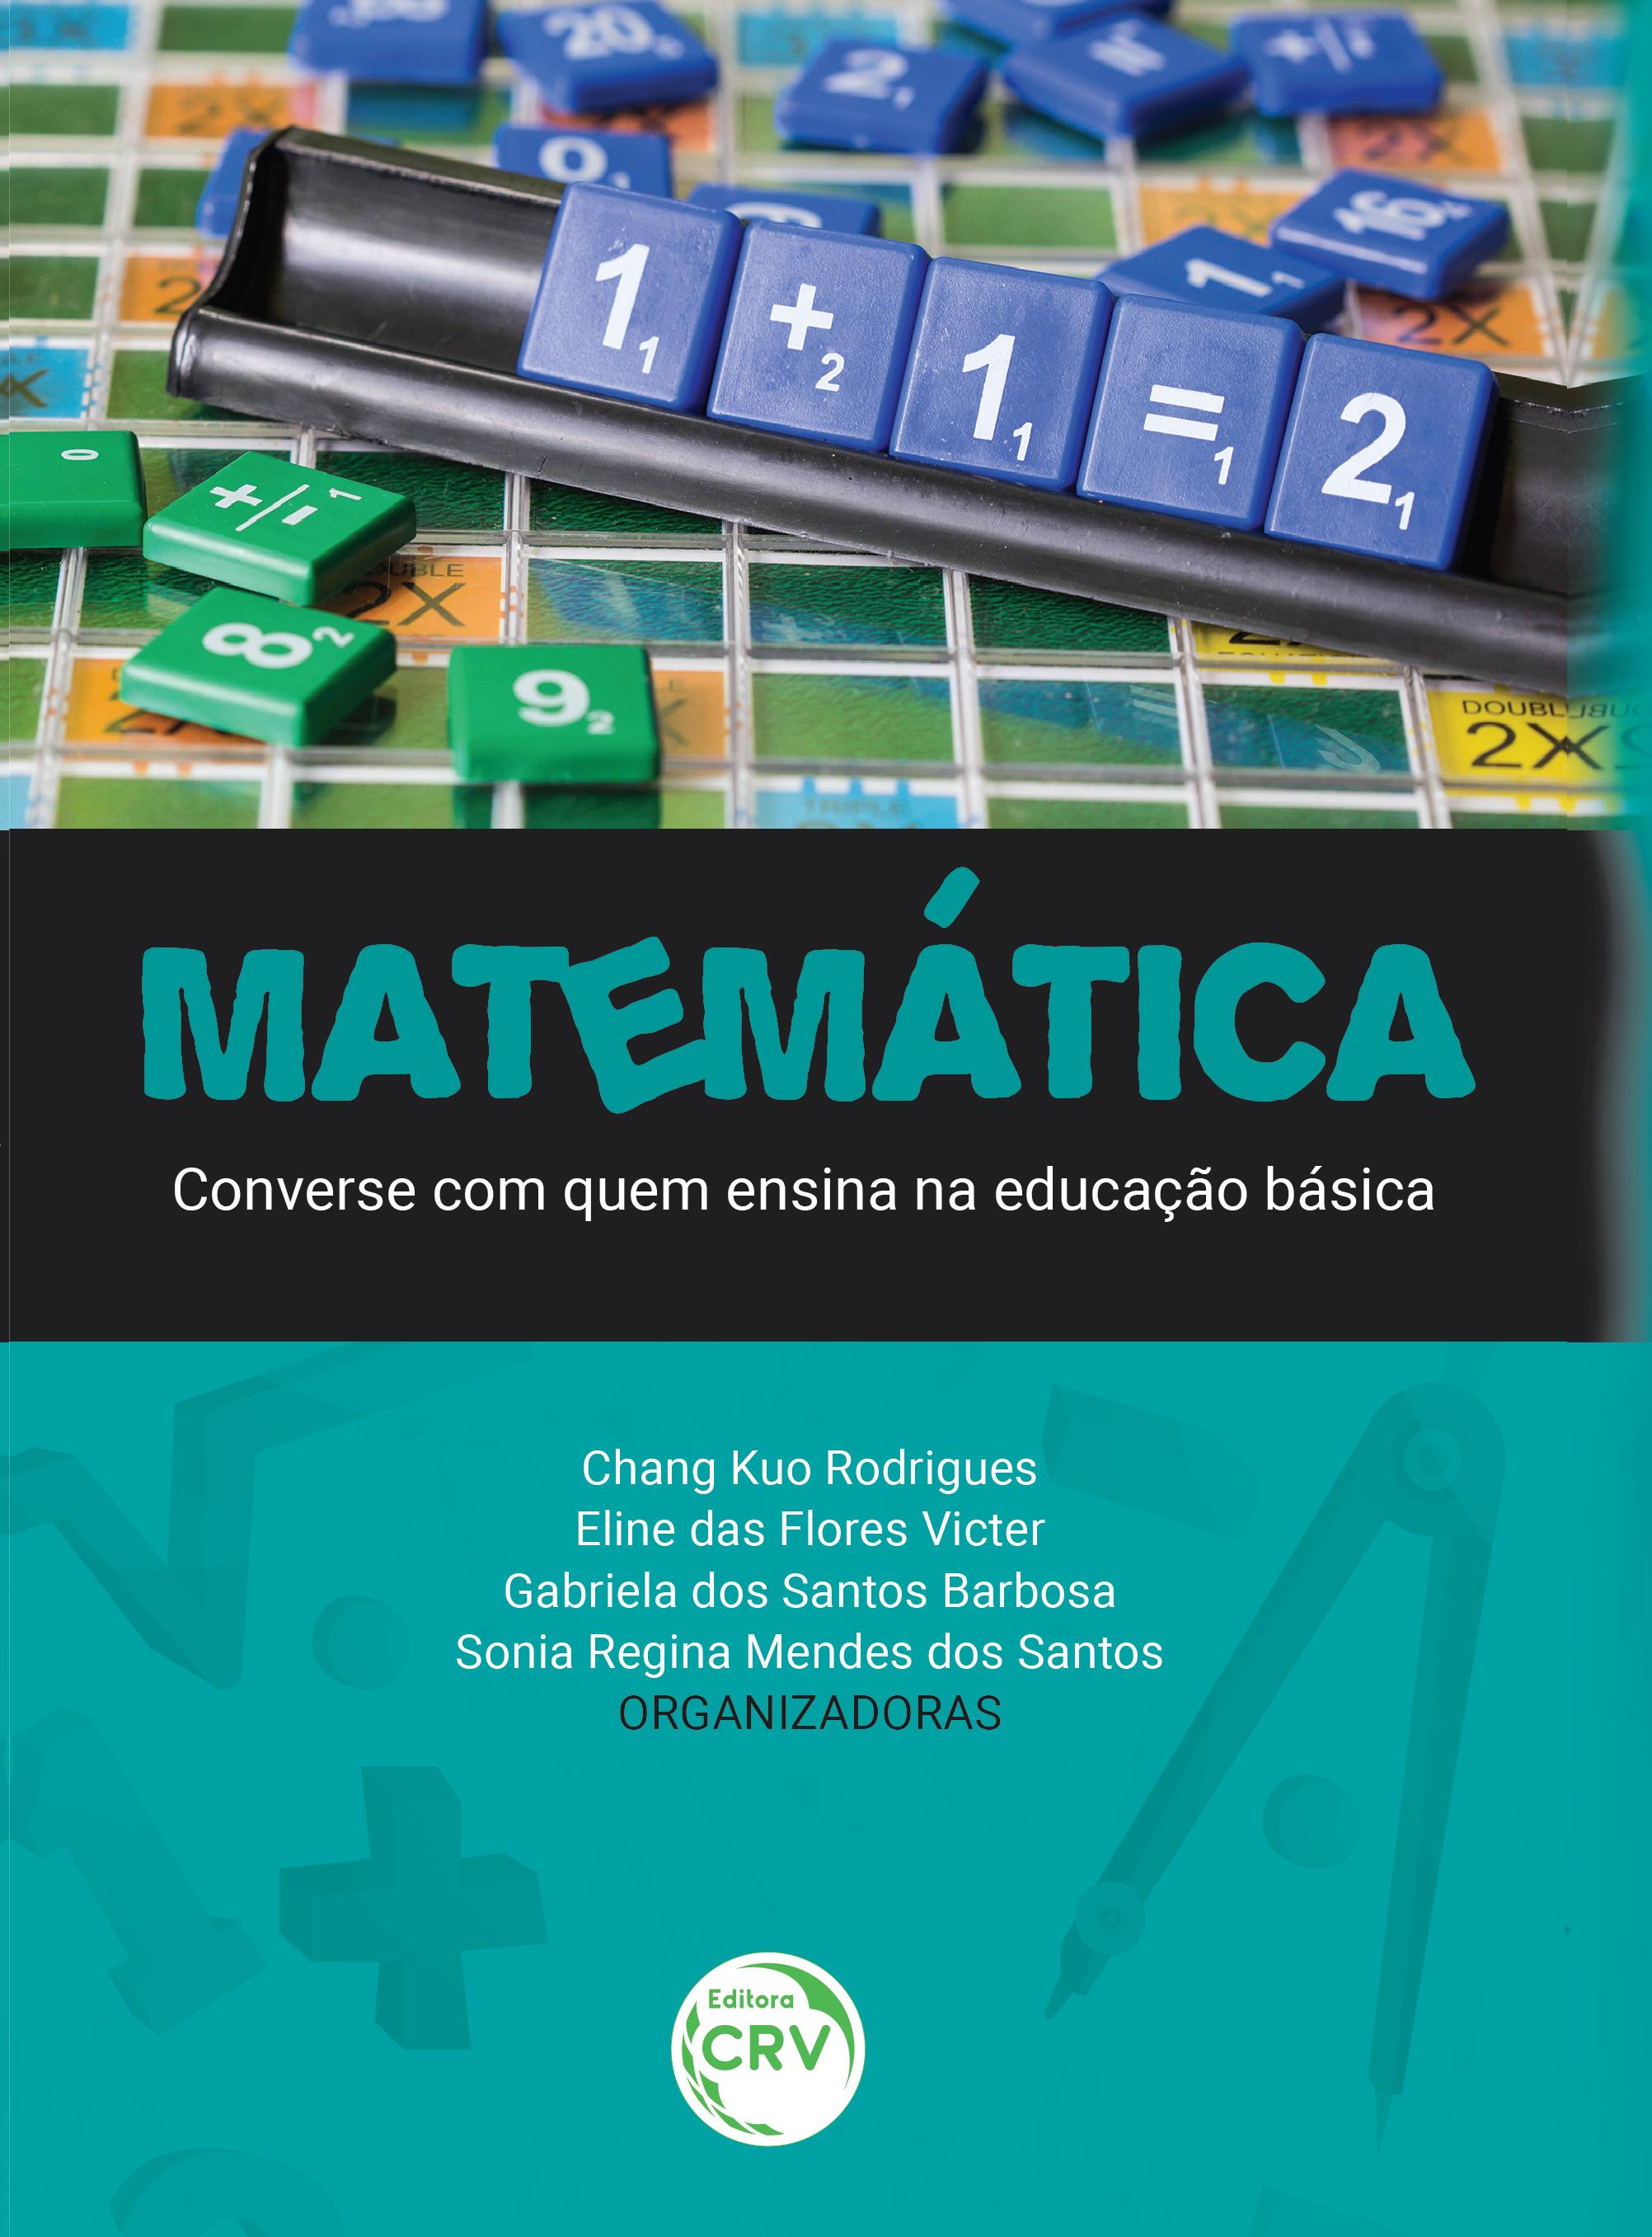 Capa do livro: MATEMÁTICA: <br>converse com quem ensina na educação básica